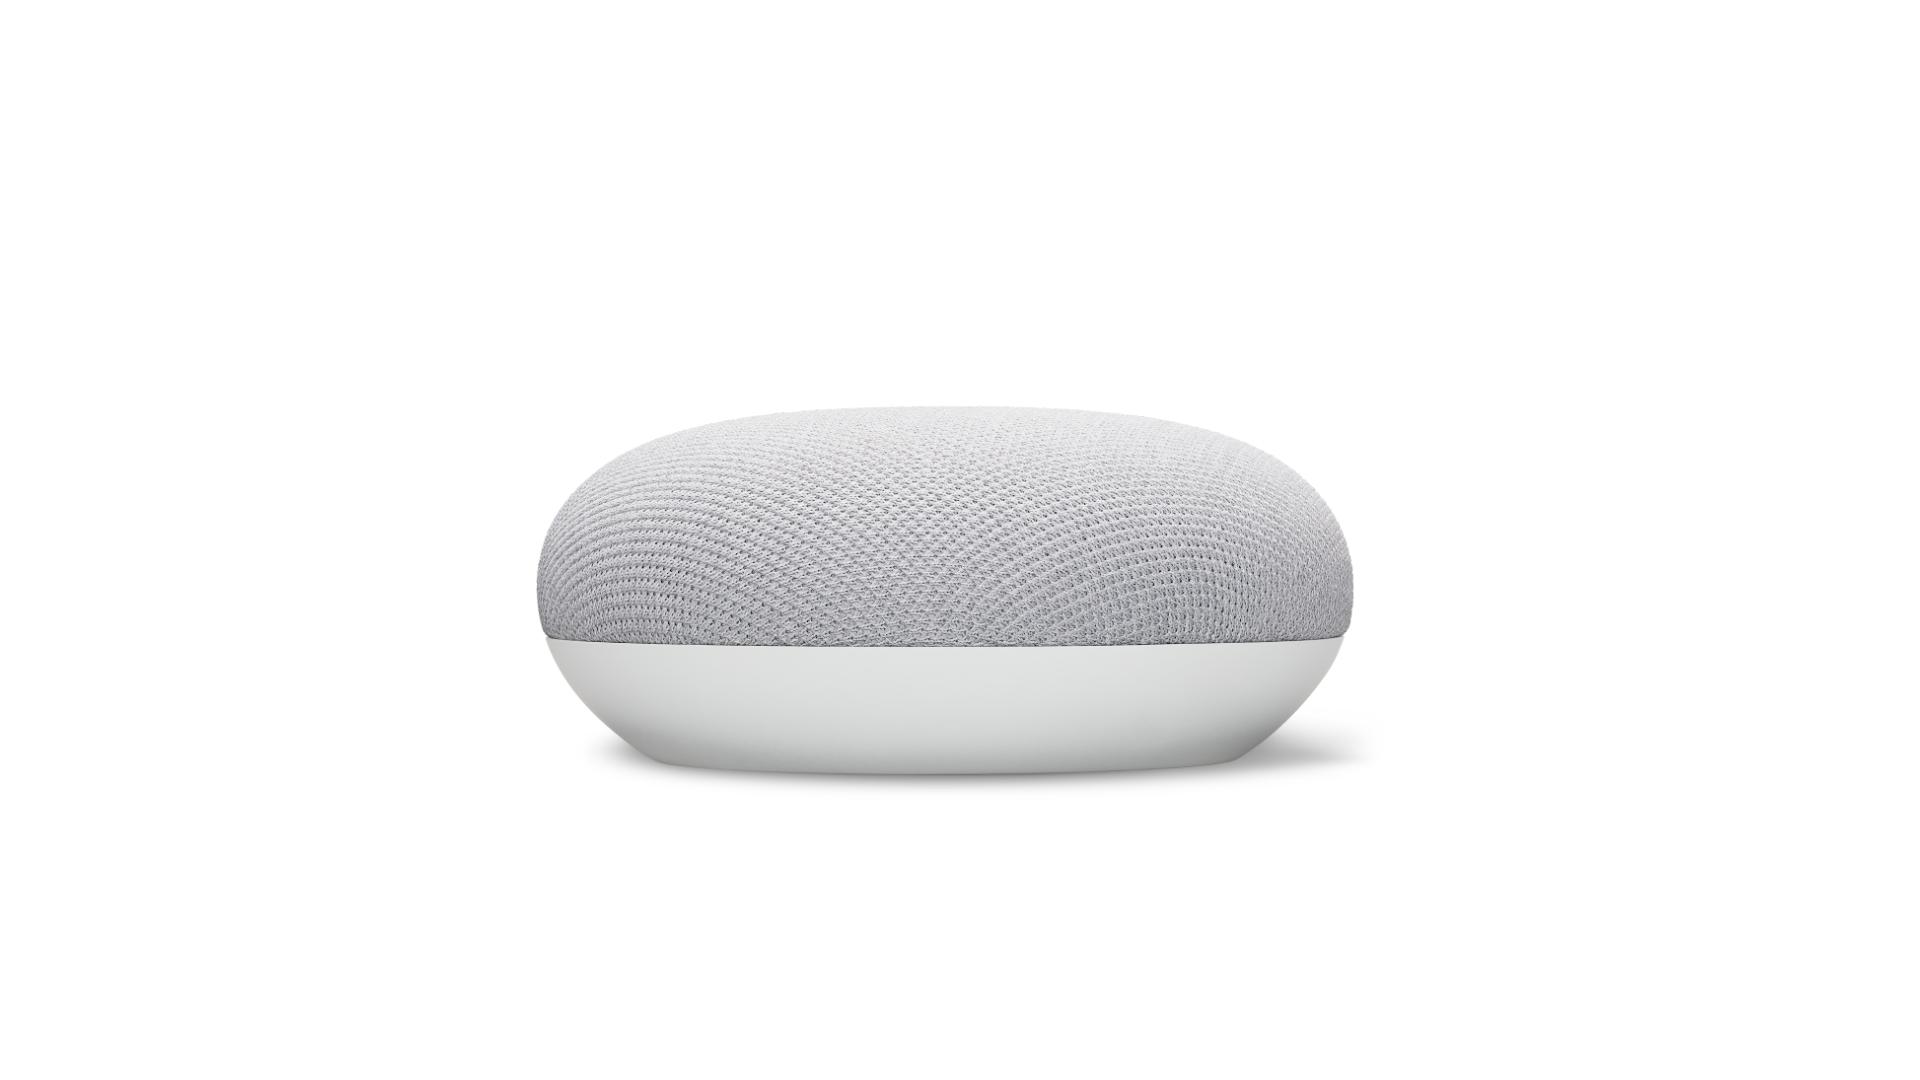 Enceinte connectée Nest Mini Galet Google Gris/Blanc